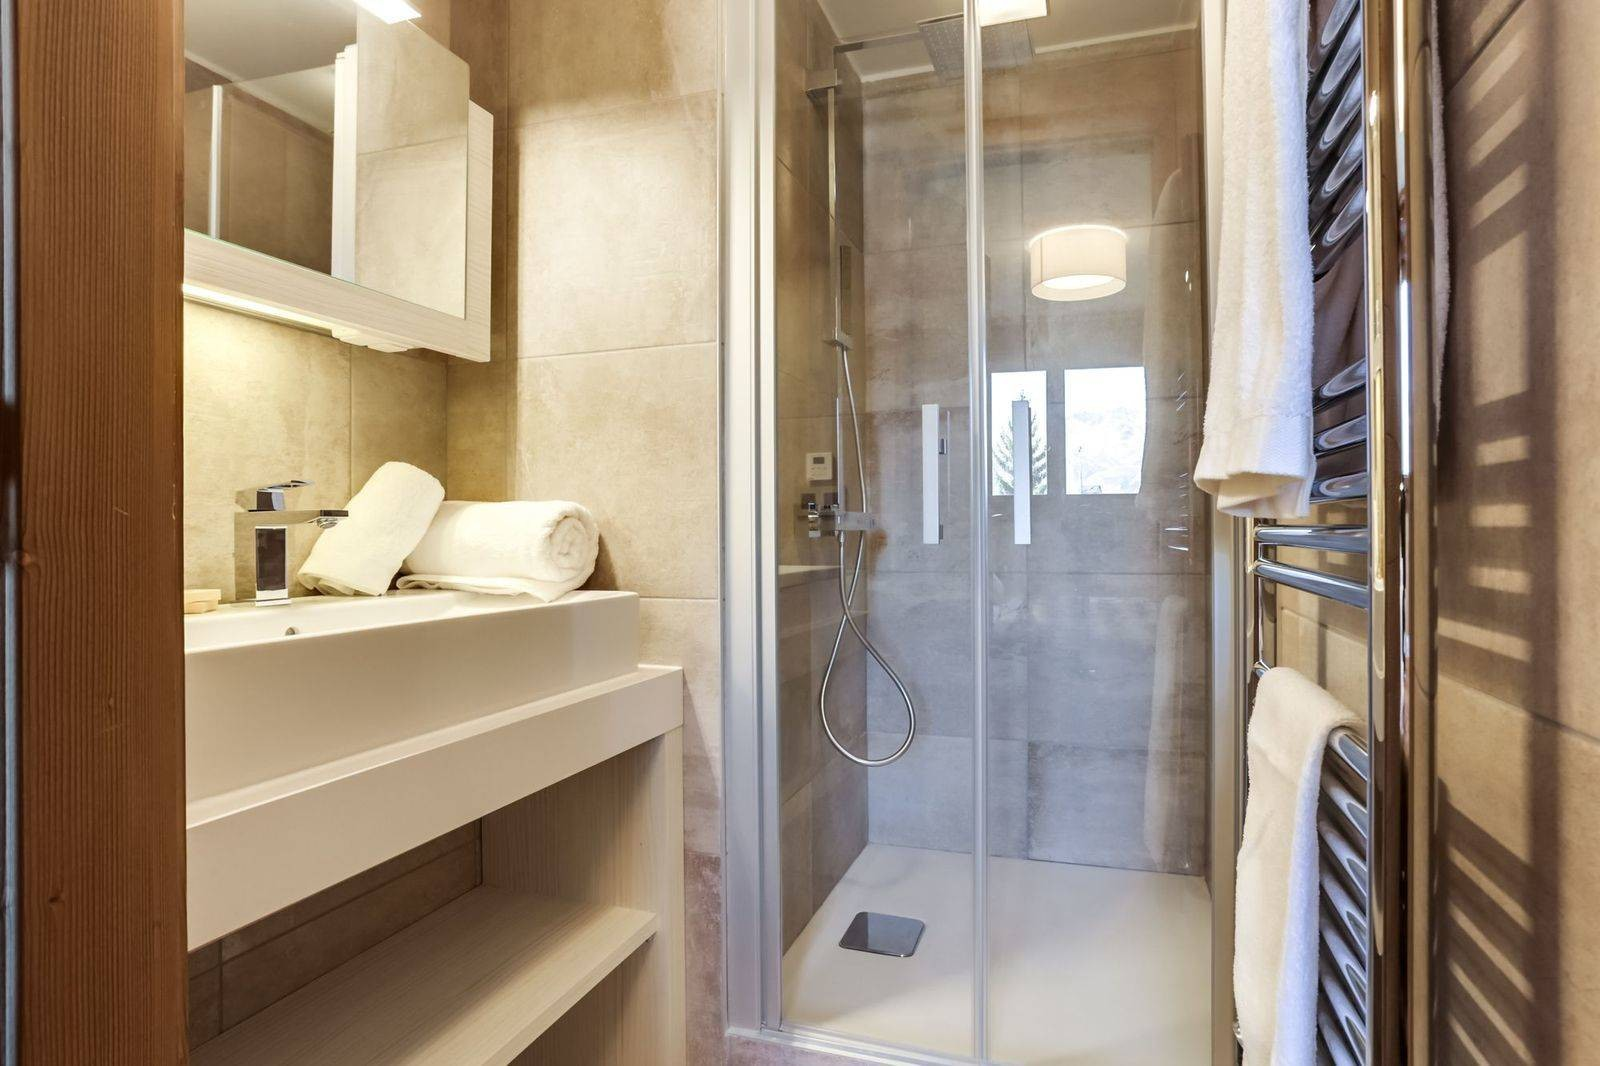 Courchevel 1550 Luxury Rental Appartment Telikia Bathroom